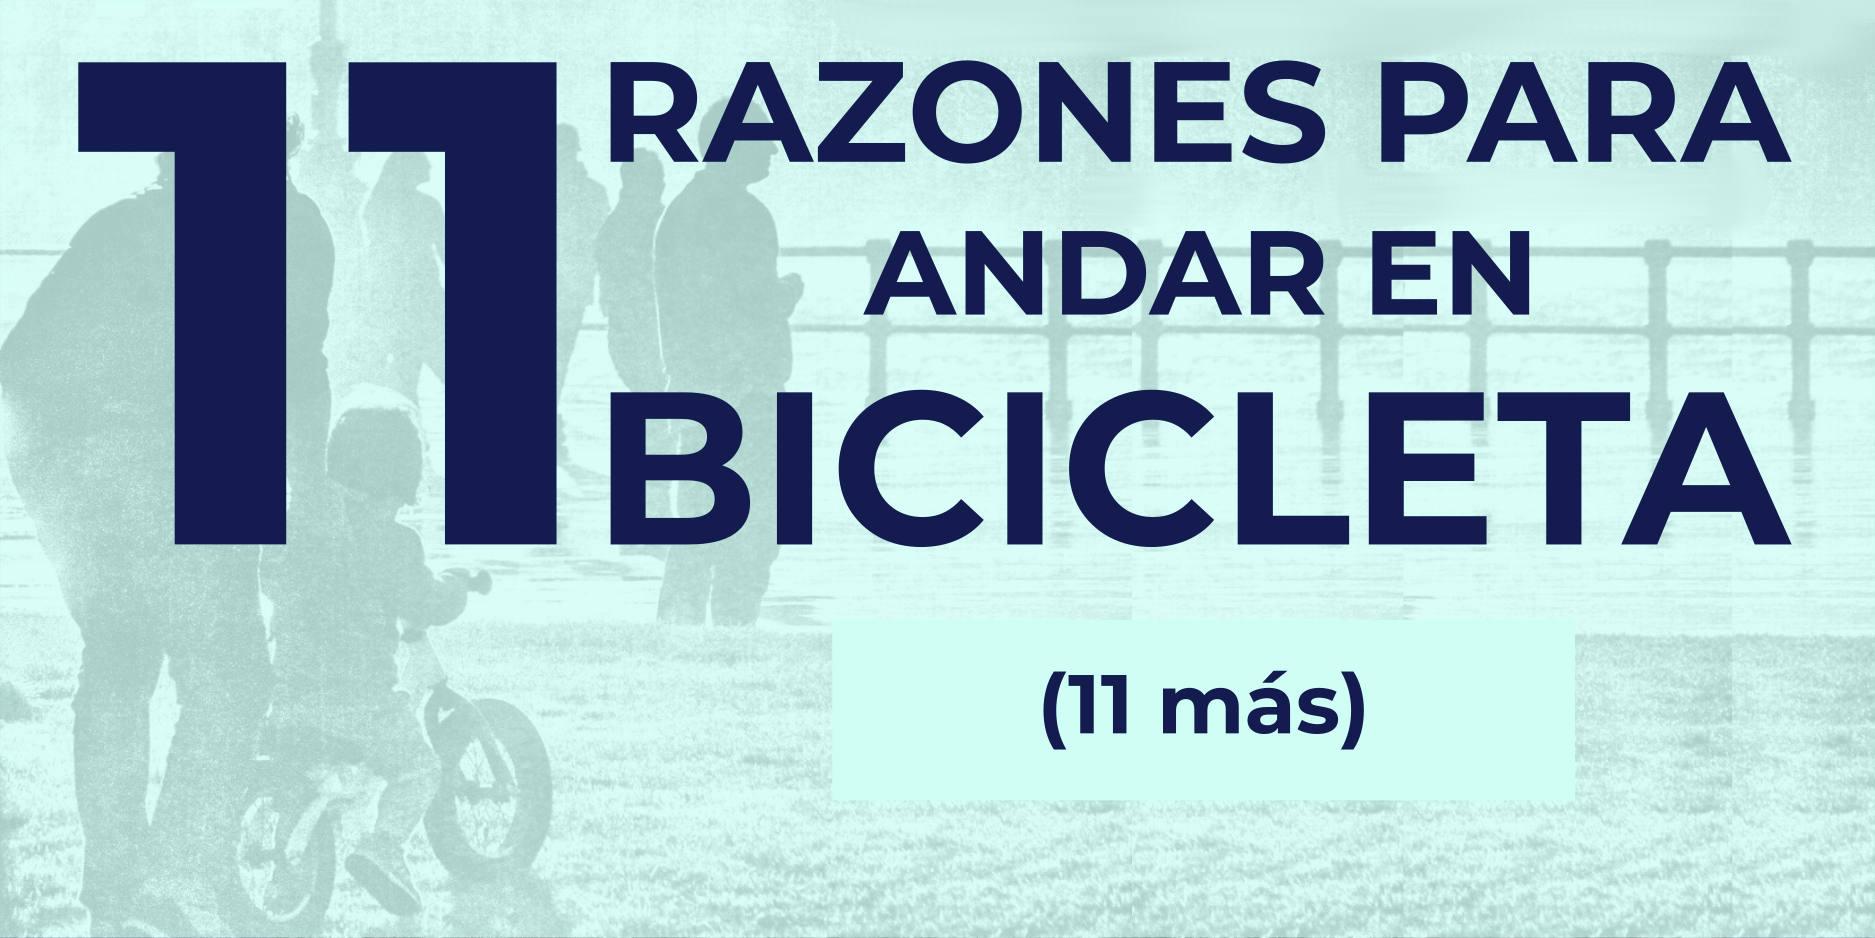 Destacado 11 razones para andar en bicicleta - 30 Días en Bici